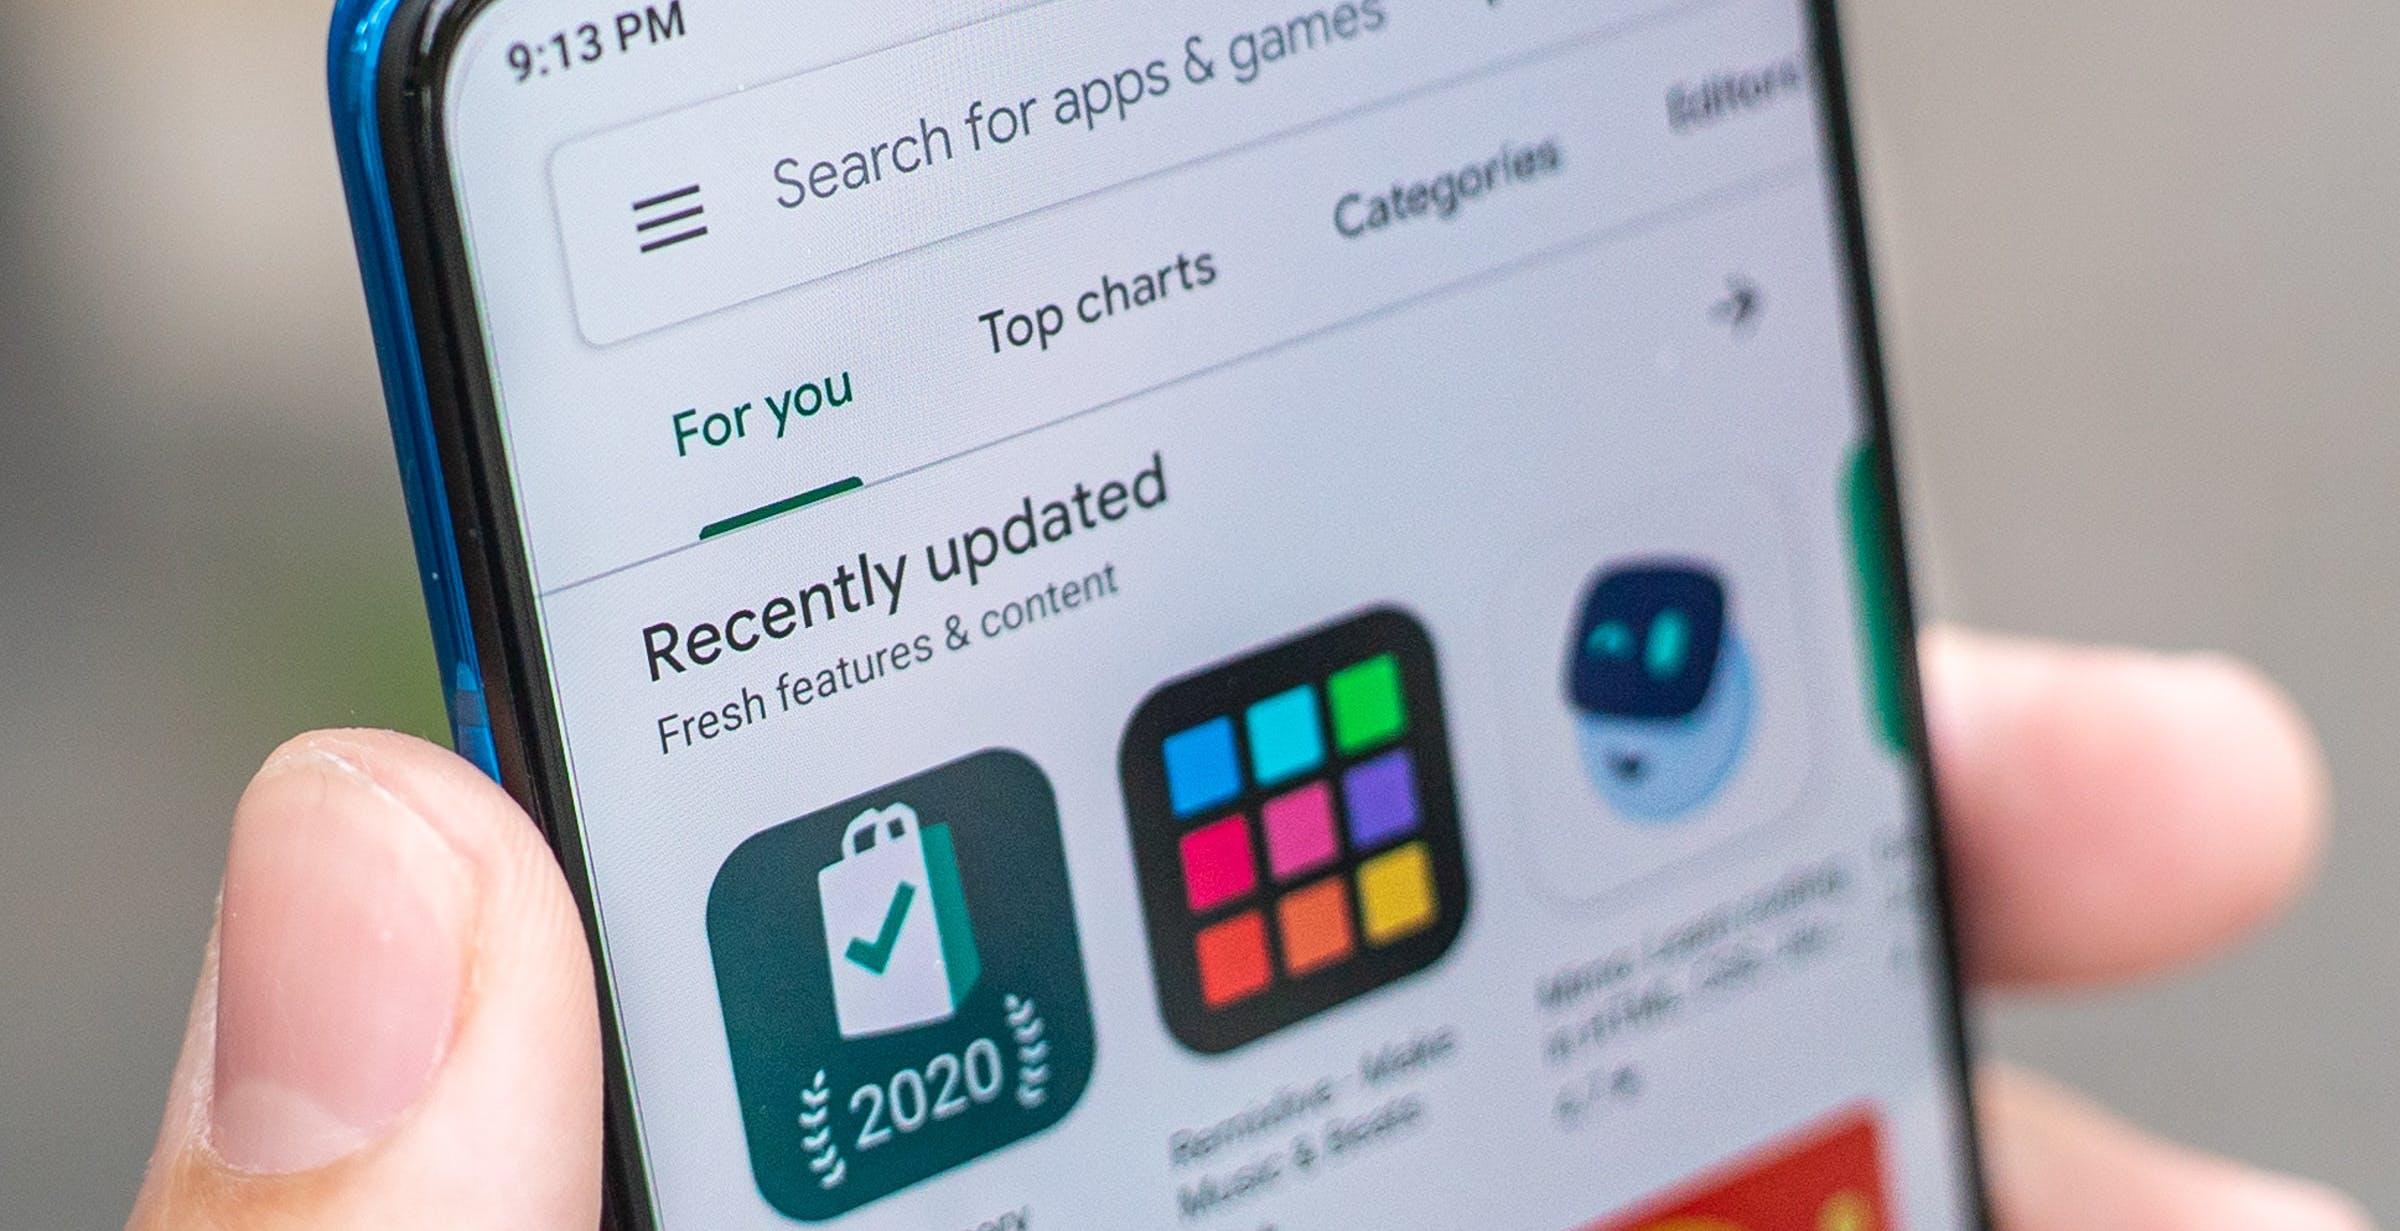 Google segue Apple: permetterà agli utenti Android di non essere tracciati dalle app ai fini pubblicitari